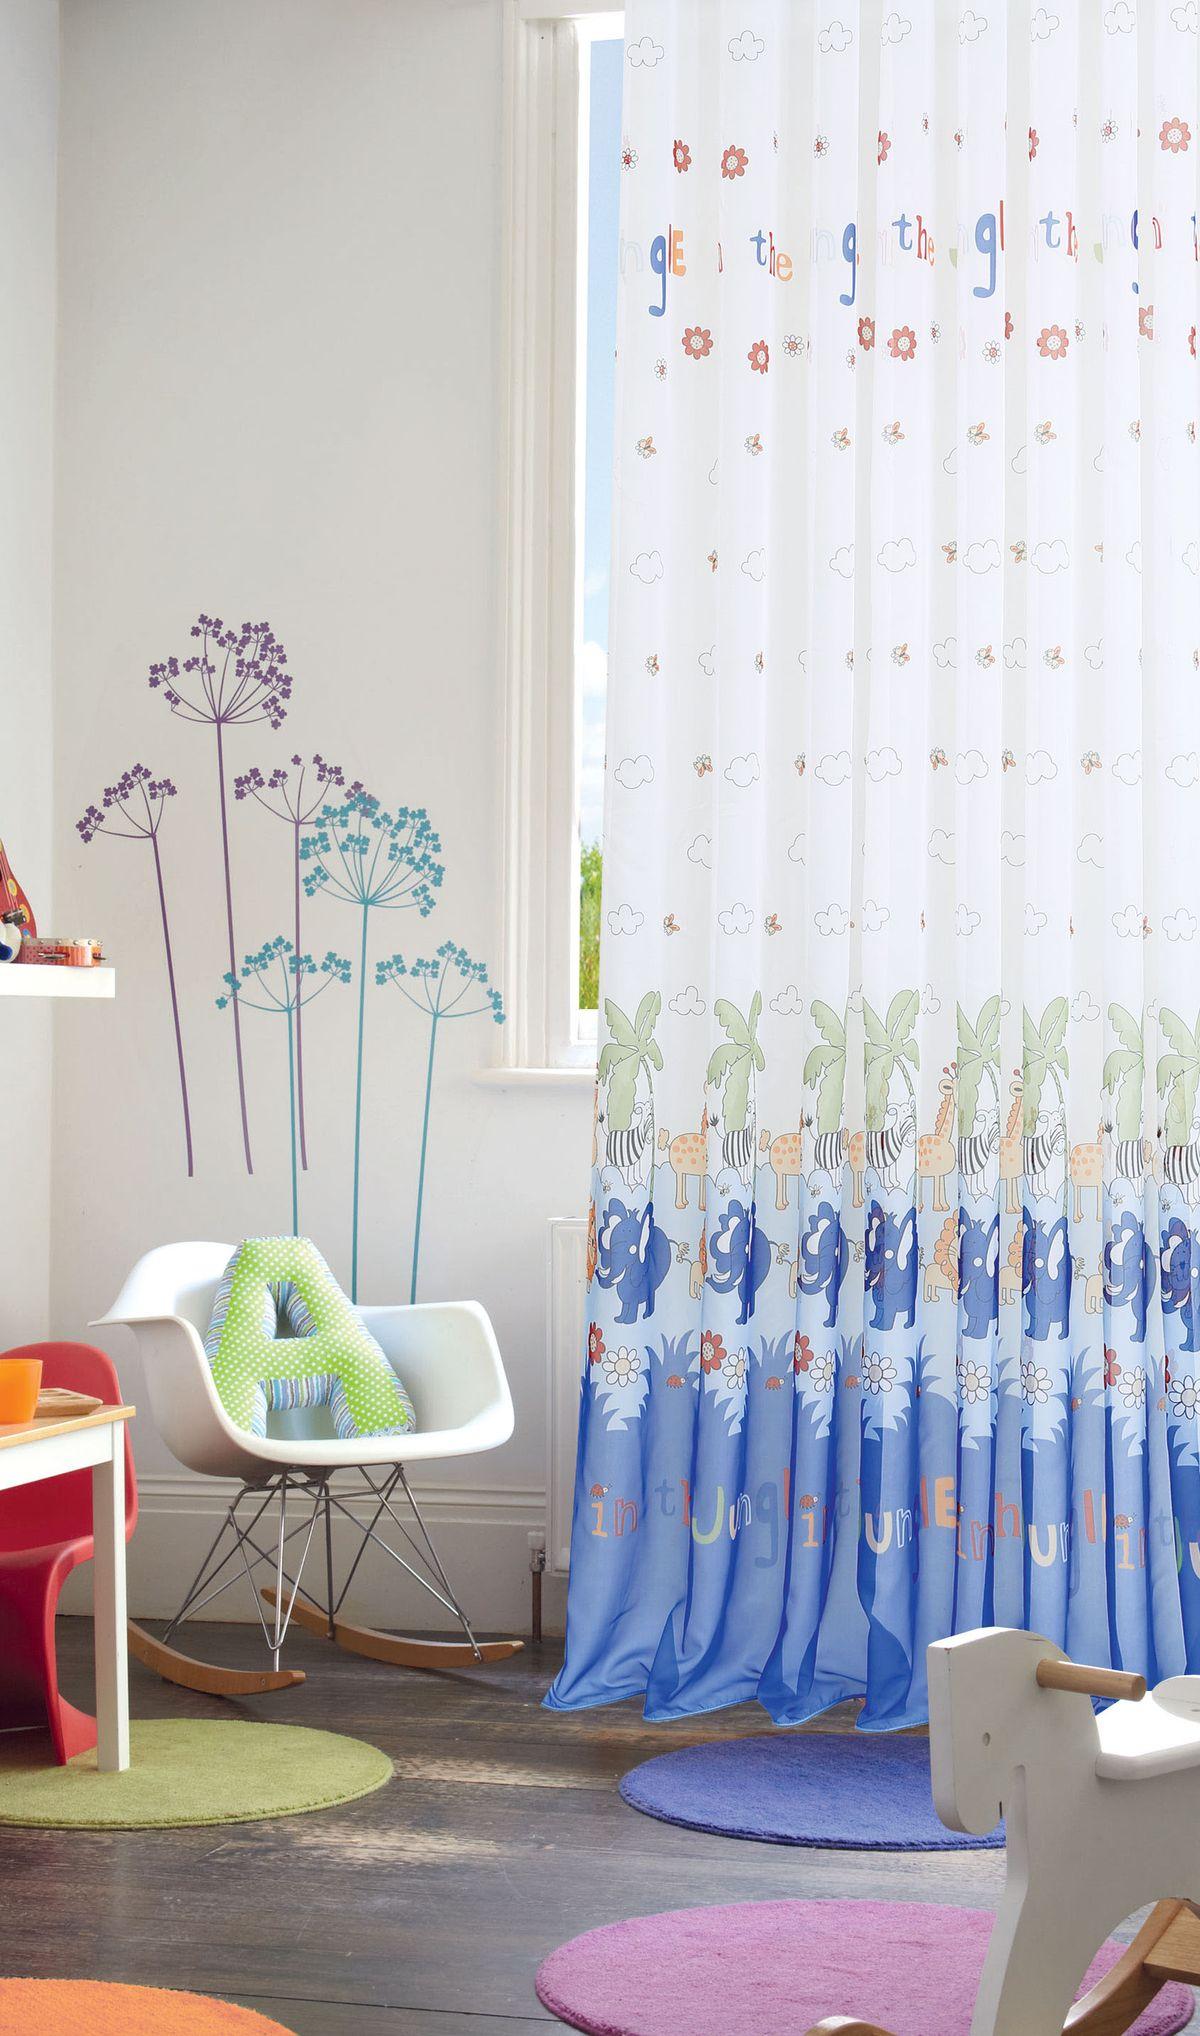 Штора готовая Garden, на ленте, цвет: синий, 300х270 см. С 9169 - W191 V14704485Изящная штора для детской комнаты Garden выполнена из легкой ткани с оригинальной структурой. Приятная текстура и цвет штор привлекут к себе внимание и органично впишутся в интерьер помещения. Штора крепится на карниз при помощи ленты, которая поможет красиво и равномерно задрапировать верх.